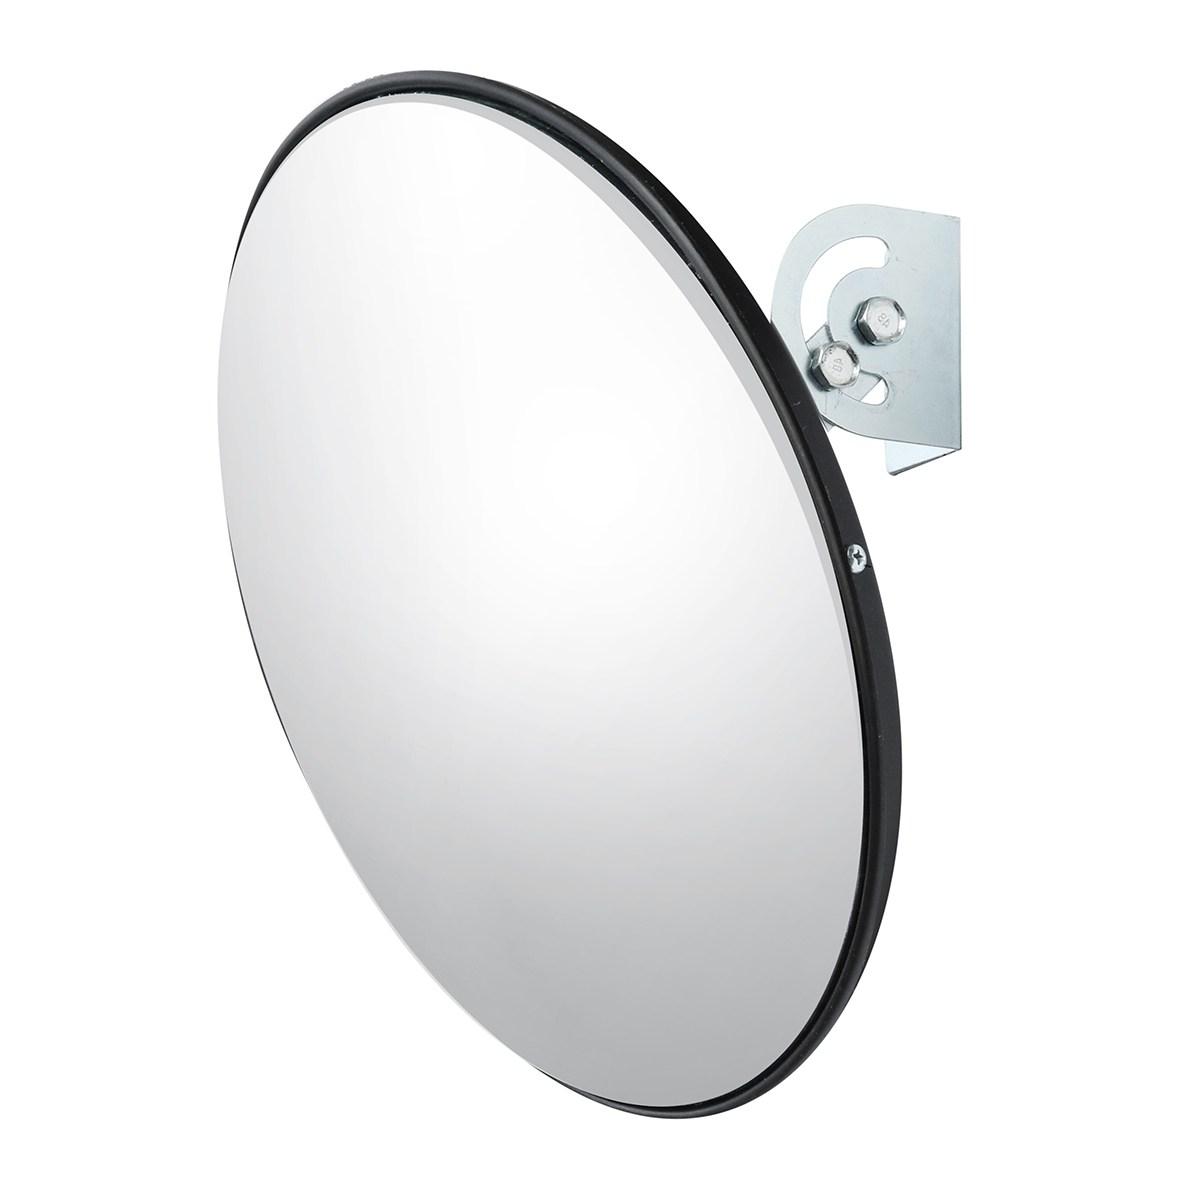 [해외]NEW Safurance 45cm 와이드 앵글 곡선 형 볼록한 보안로드 미러, 도난 방지용 도로 신호 안전 시스템/NEW Safurance 45 cm Wide Angle Curved Convex Security Road Mirror For Indoor Burgl